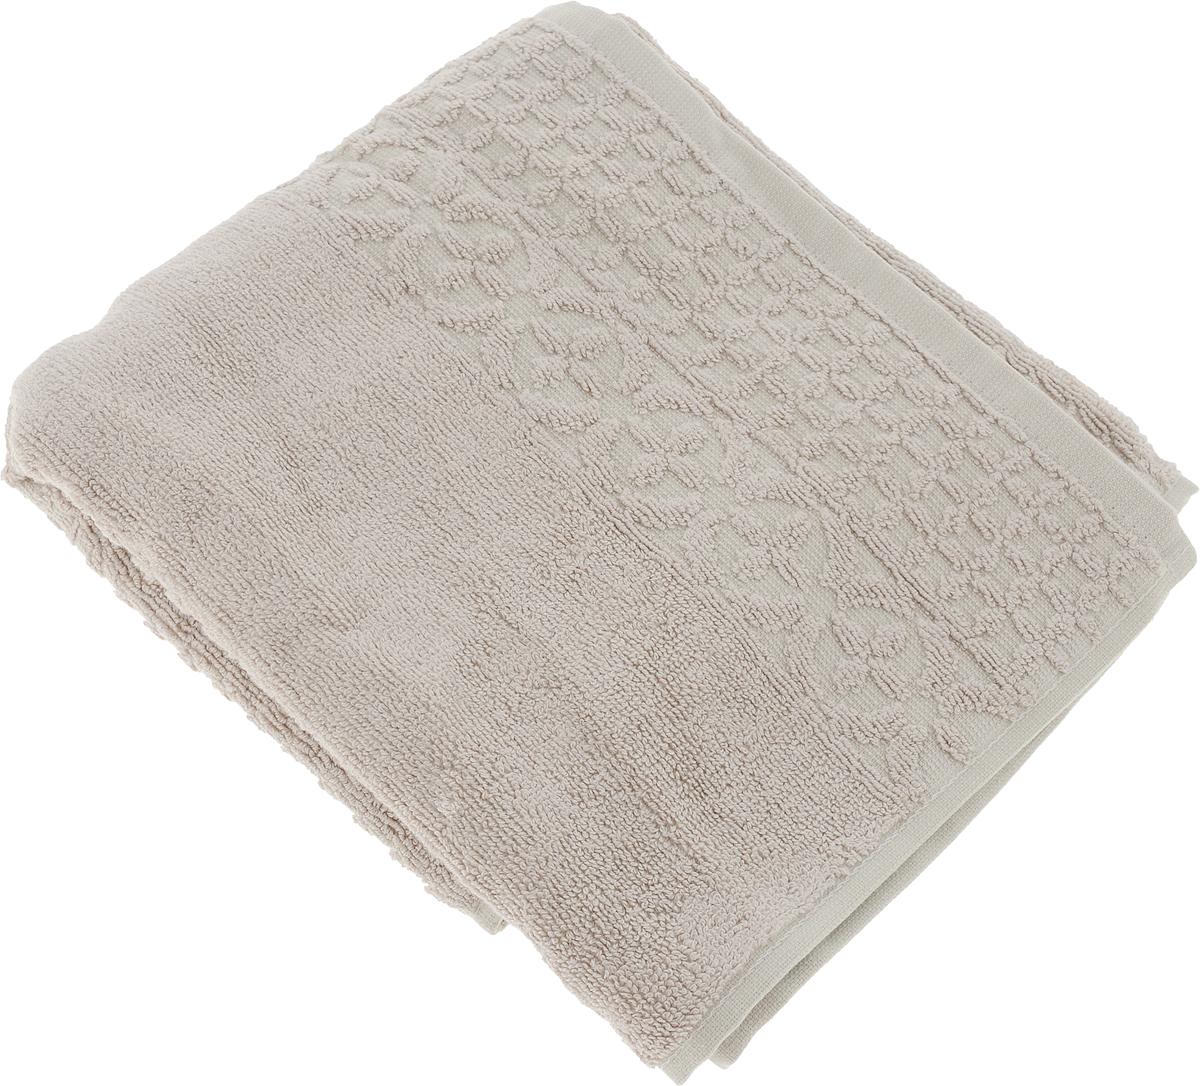 Полотенце Arya Dina, цвет: бежевый, 50 x 90 смTR1002621_БежевыйПолотенце Arya Dina выполнено из бамбука. Изделие отлично впитывает влагу, быстро сохнет, сохраняет яркость цвета и не теряет форму даже после многократных стирок. Такое полотенце очень практично и неприхотливо в уходе. Оно создаст прекрасное настроение и украсит интерьер в ванной комнате.